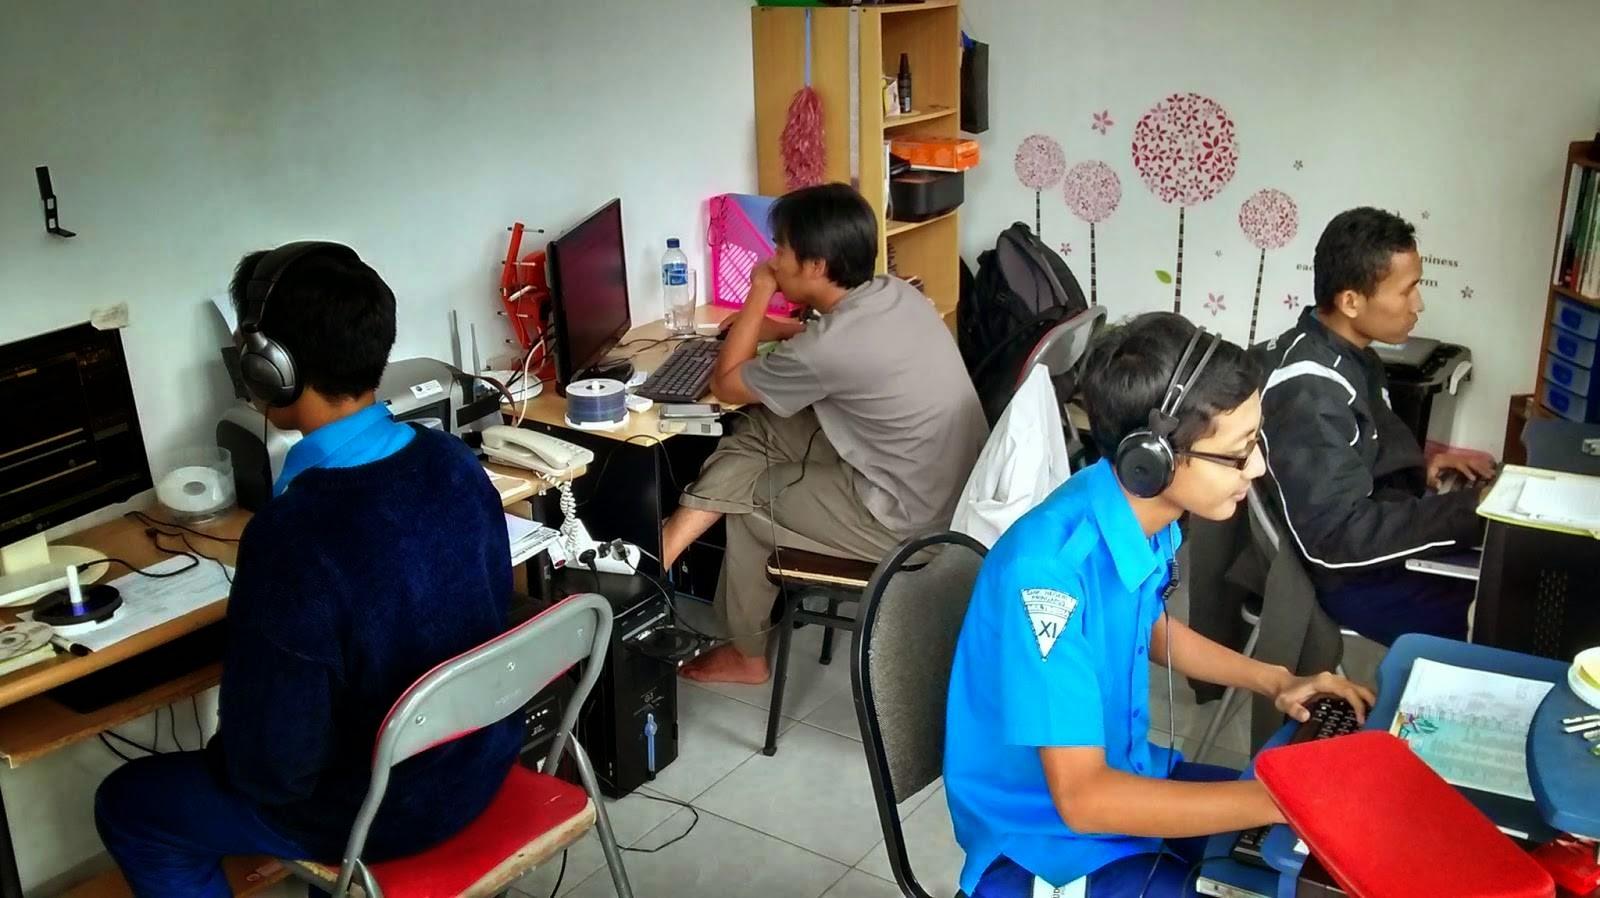 siswa magang smk multimedia